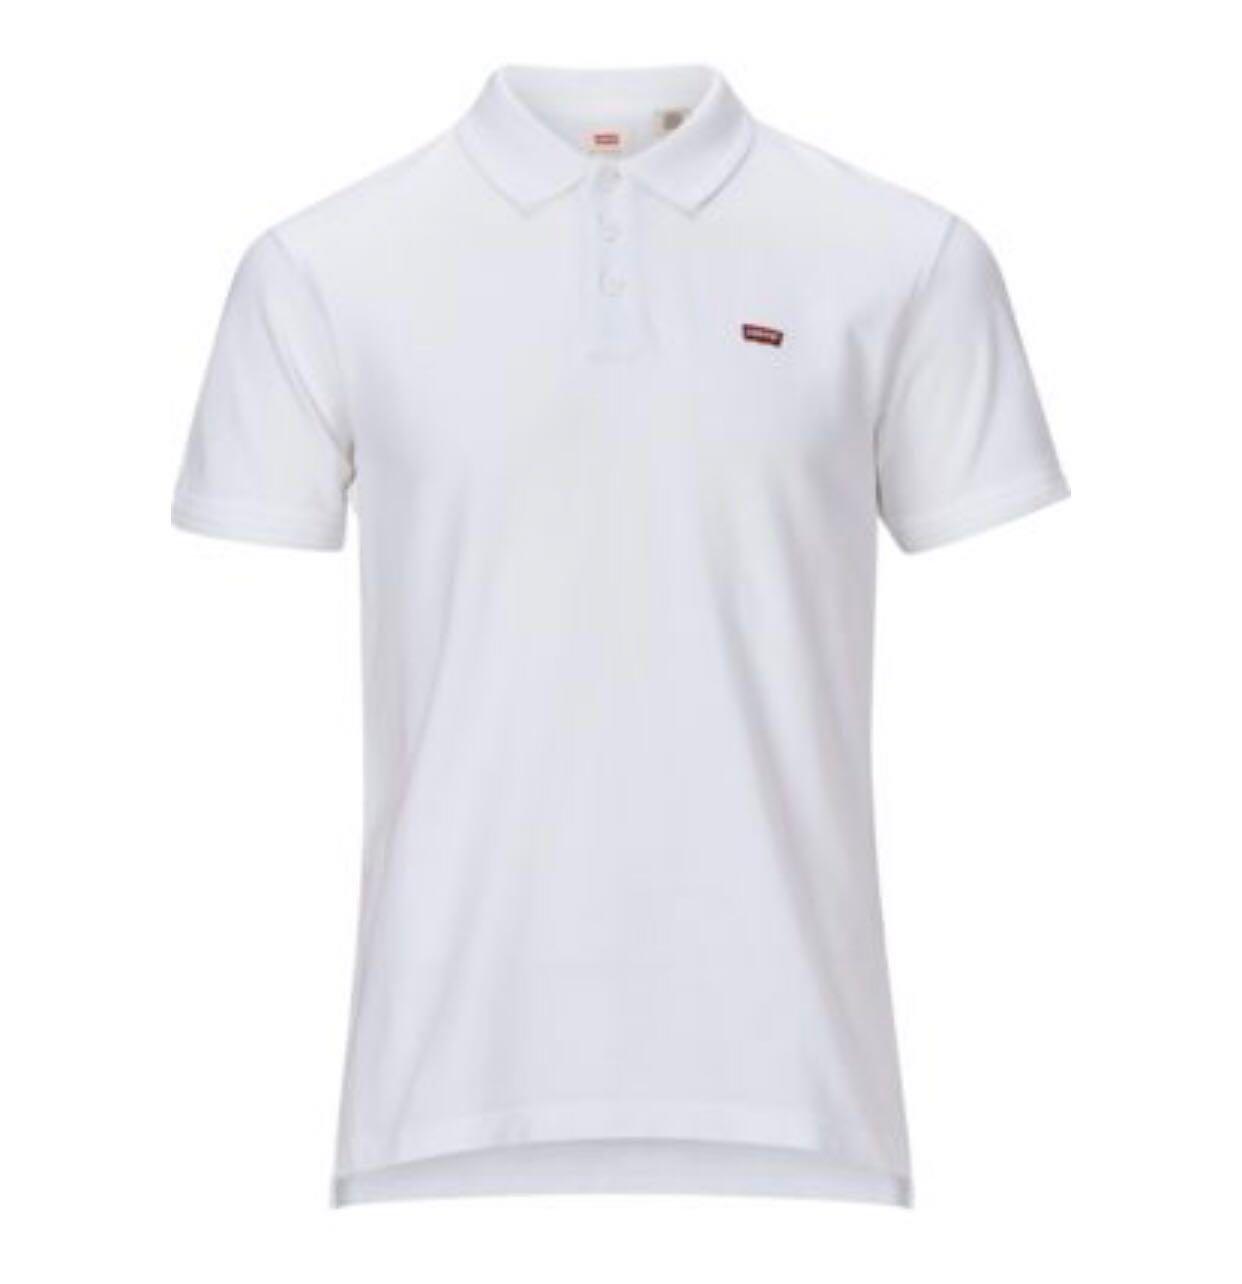 43ed11038 Levi's Housemark Polo Tee White, Men's Fashion, Clothes, Tops on ...